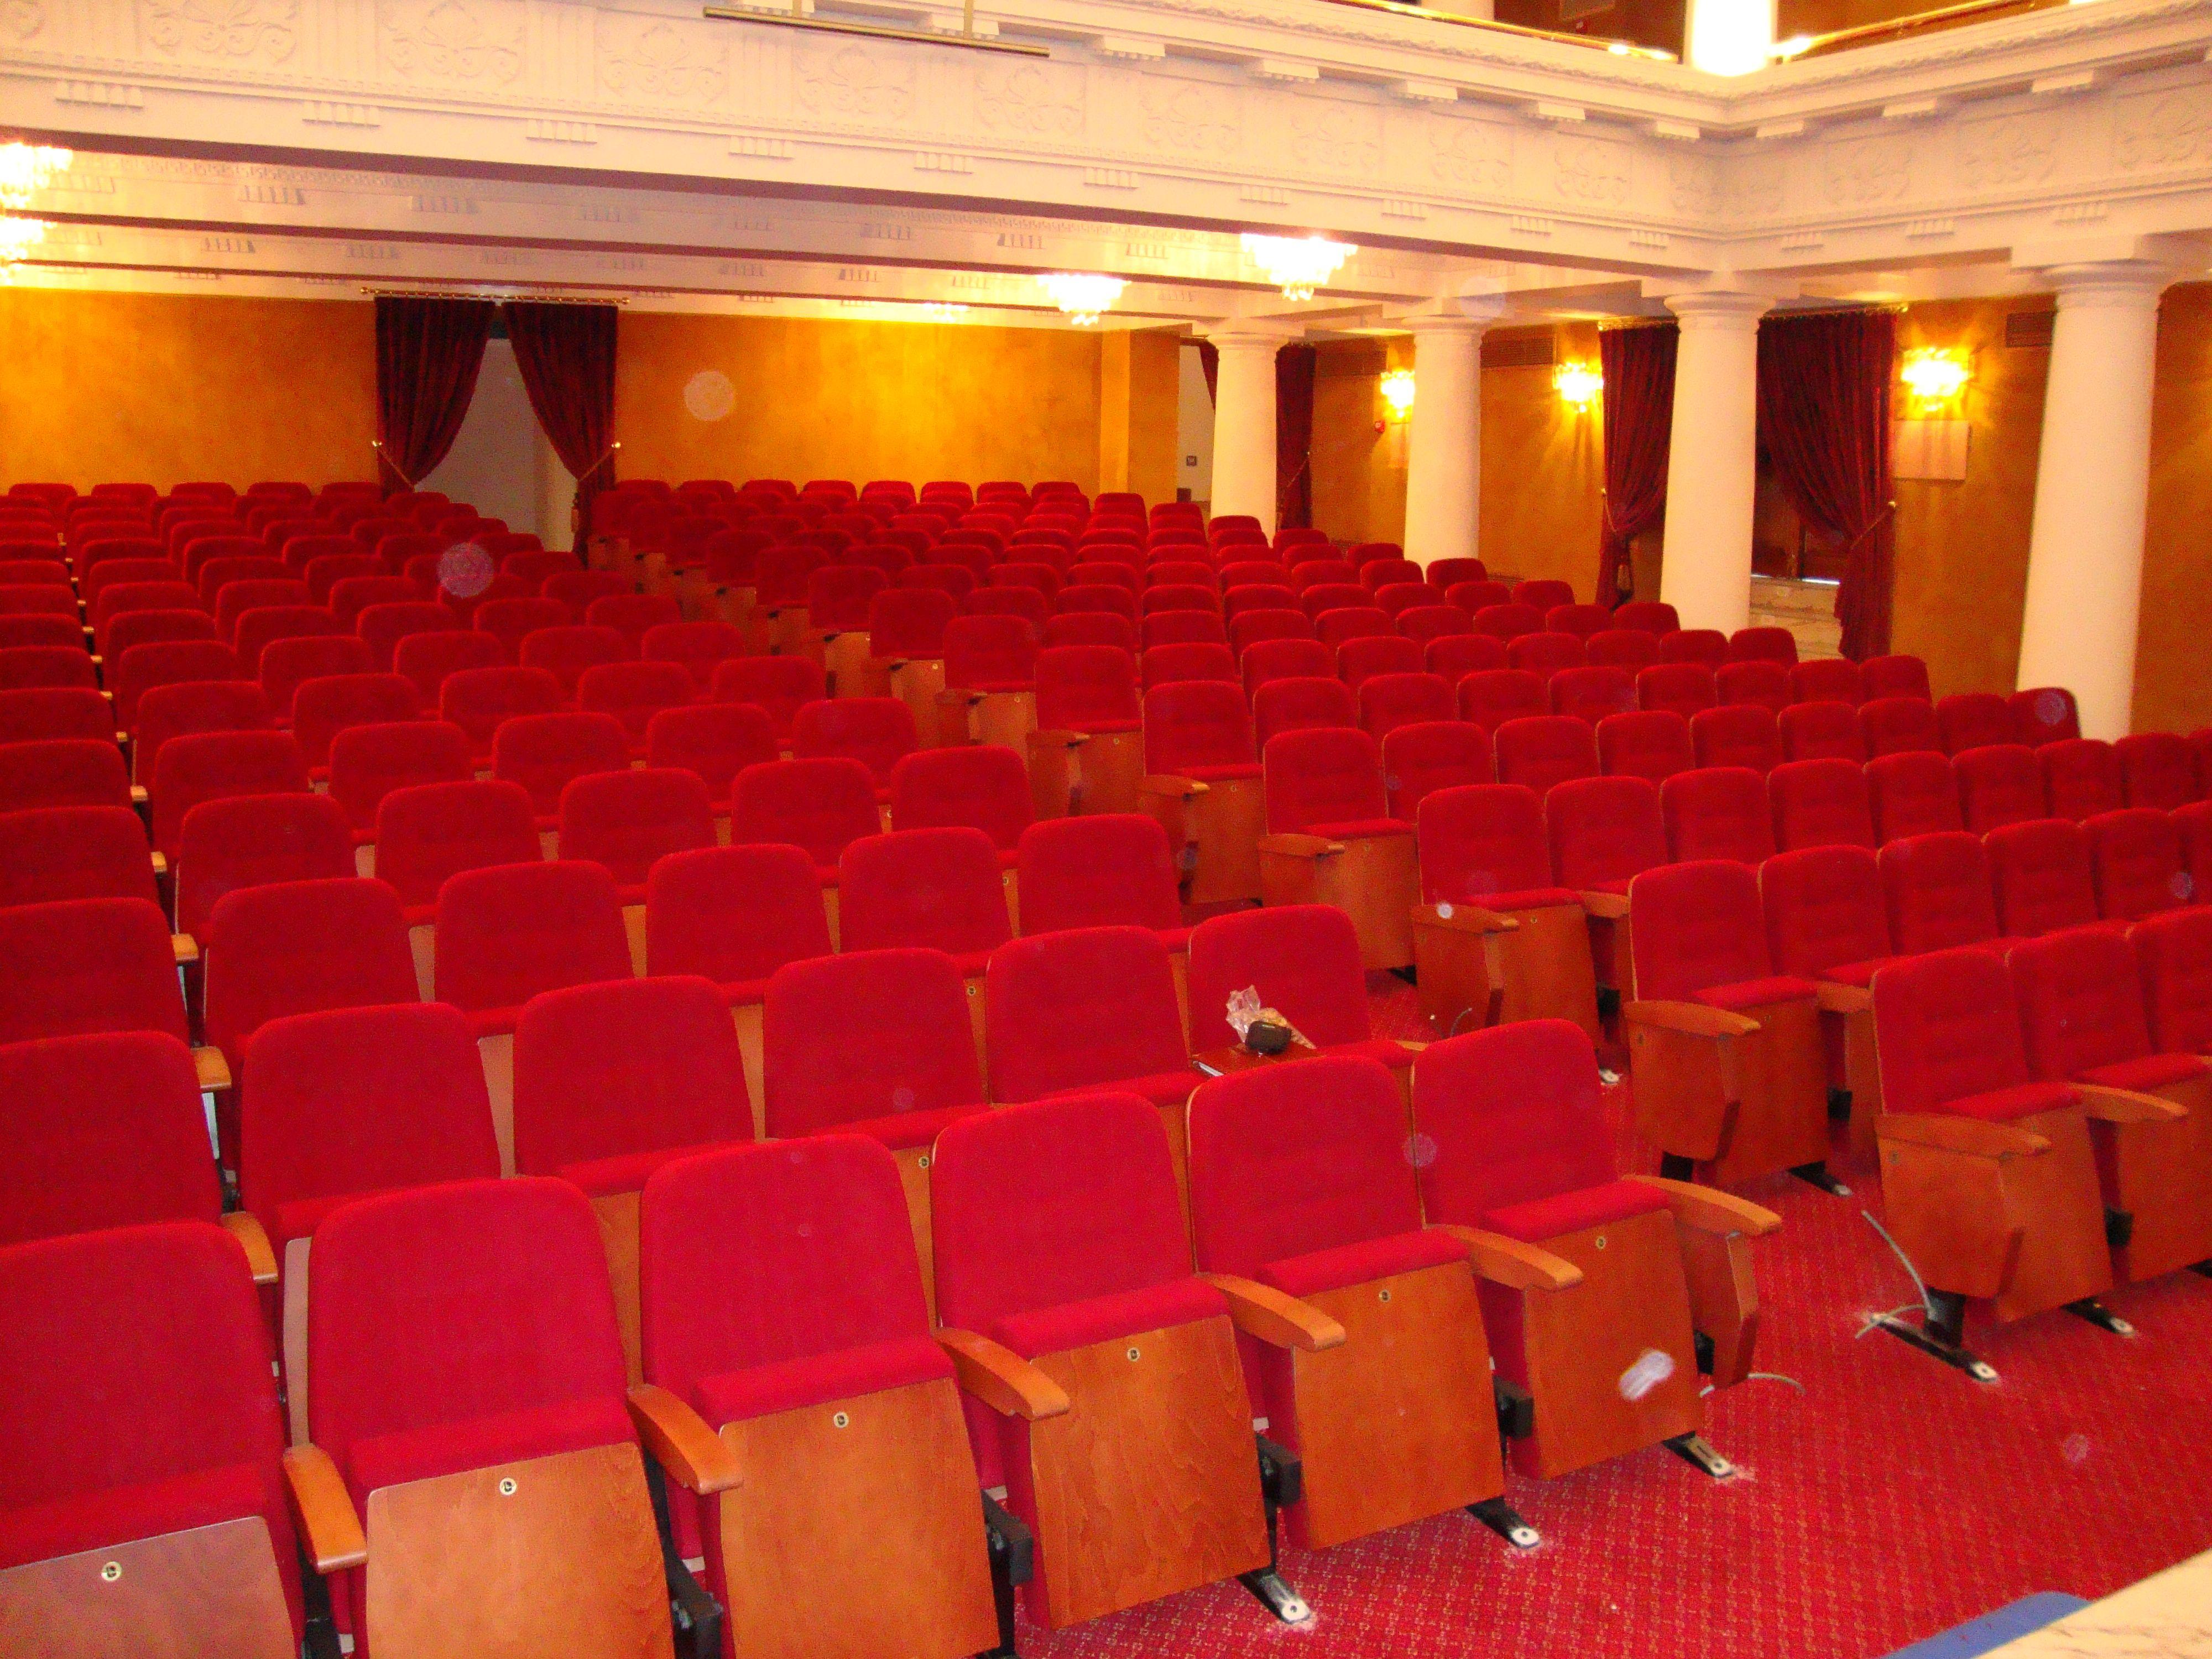 Patio de butacas del teatro cajasol decoratel pinterest teatro butacas y patios - Teatro en alcorcon ...